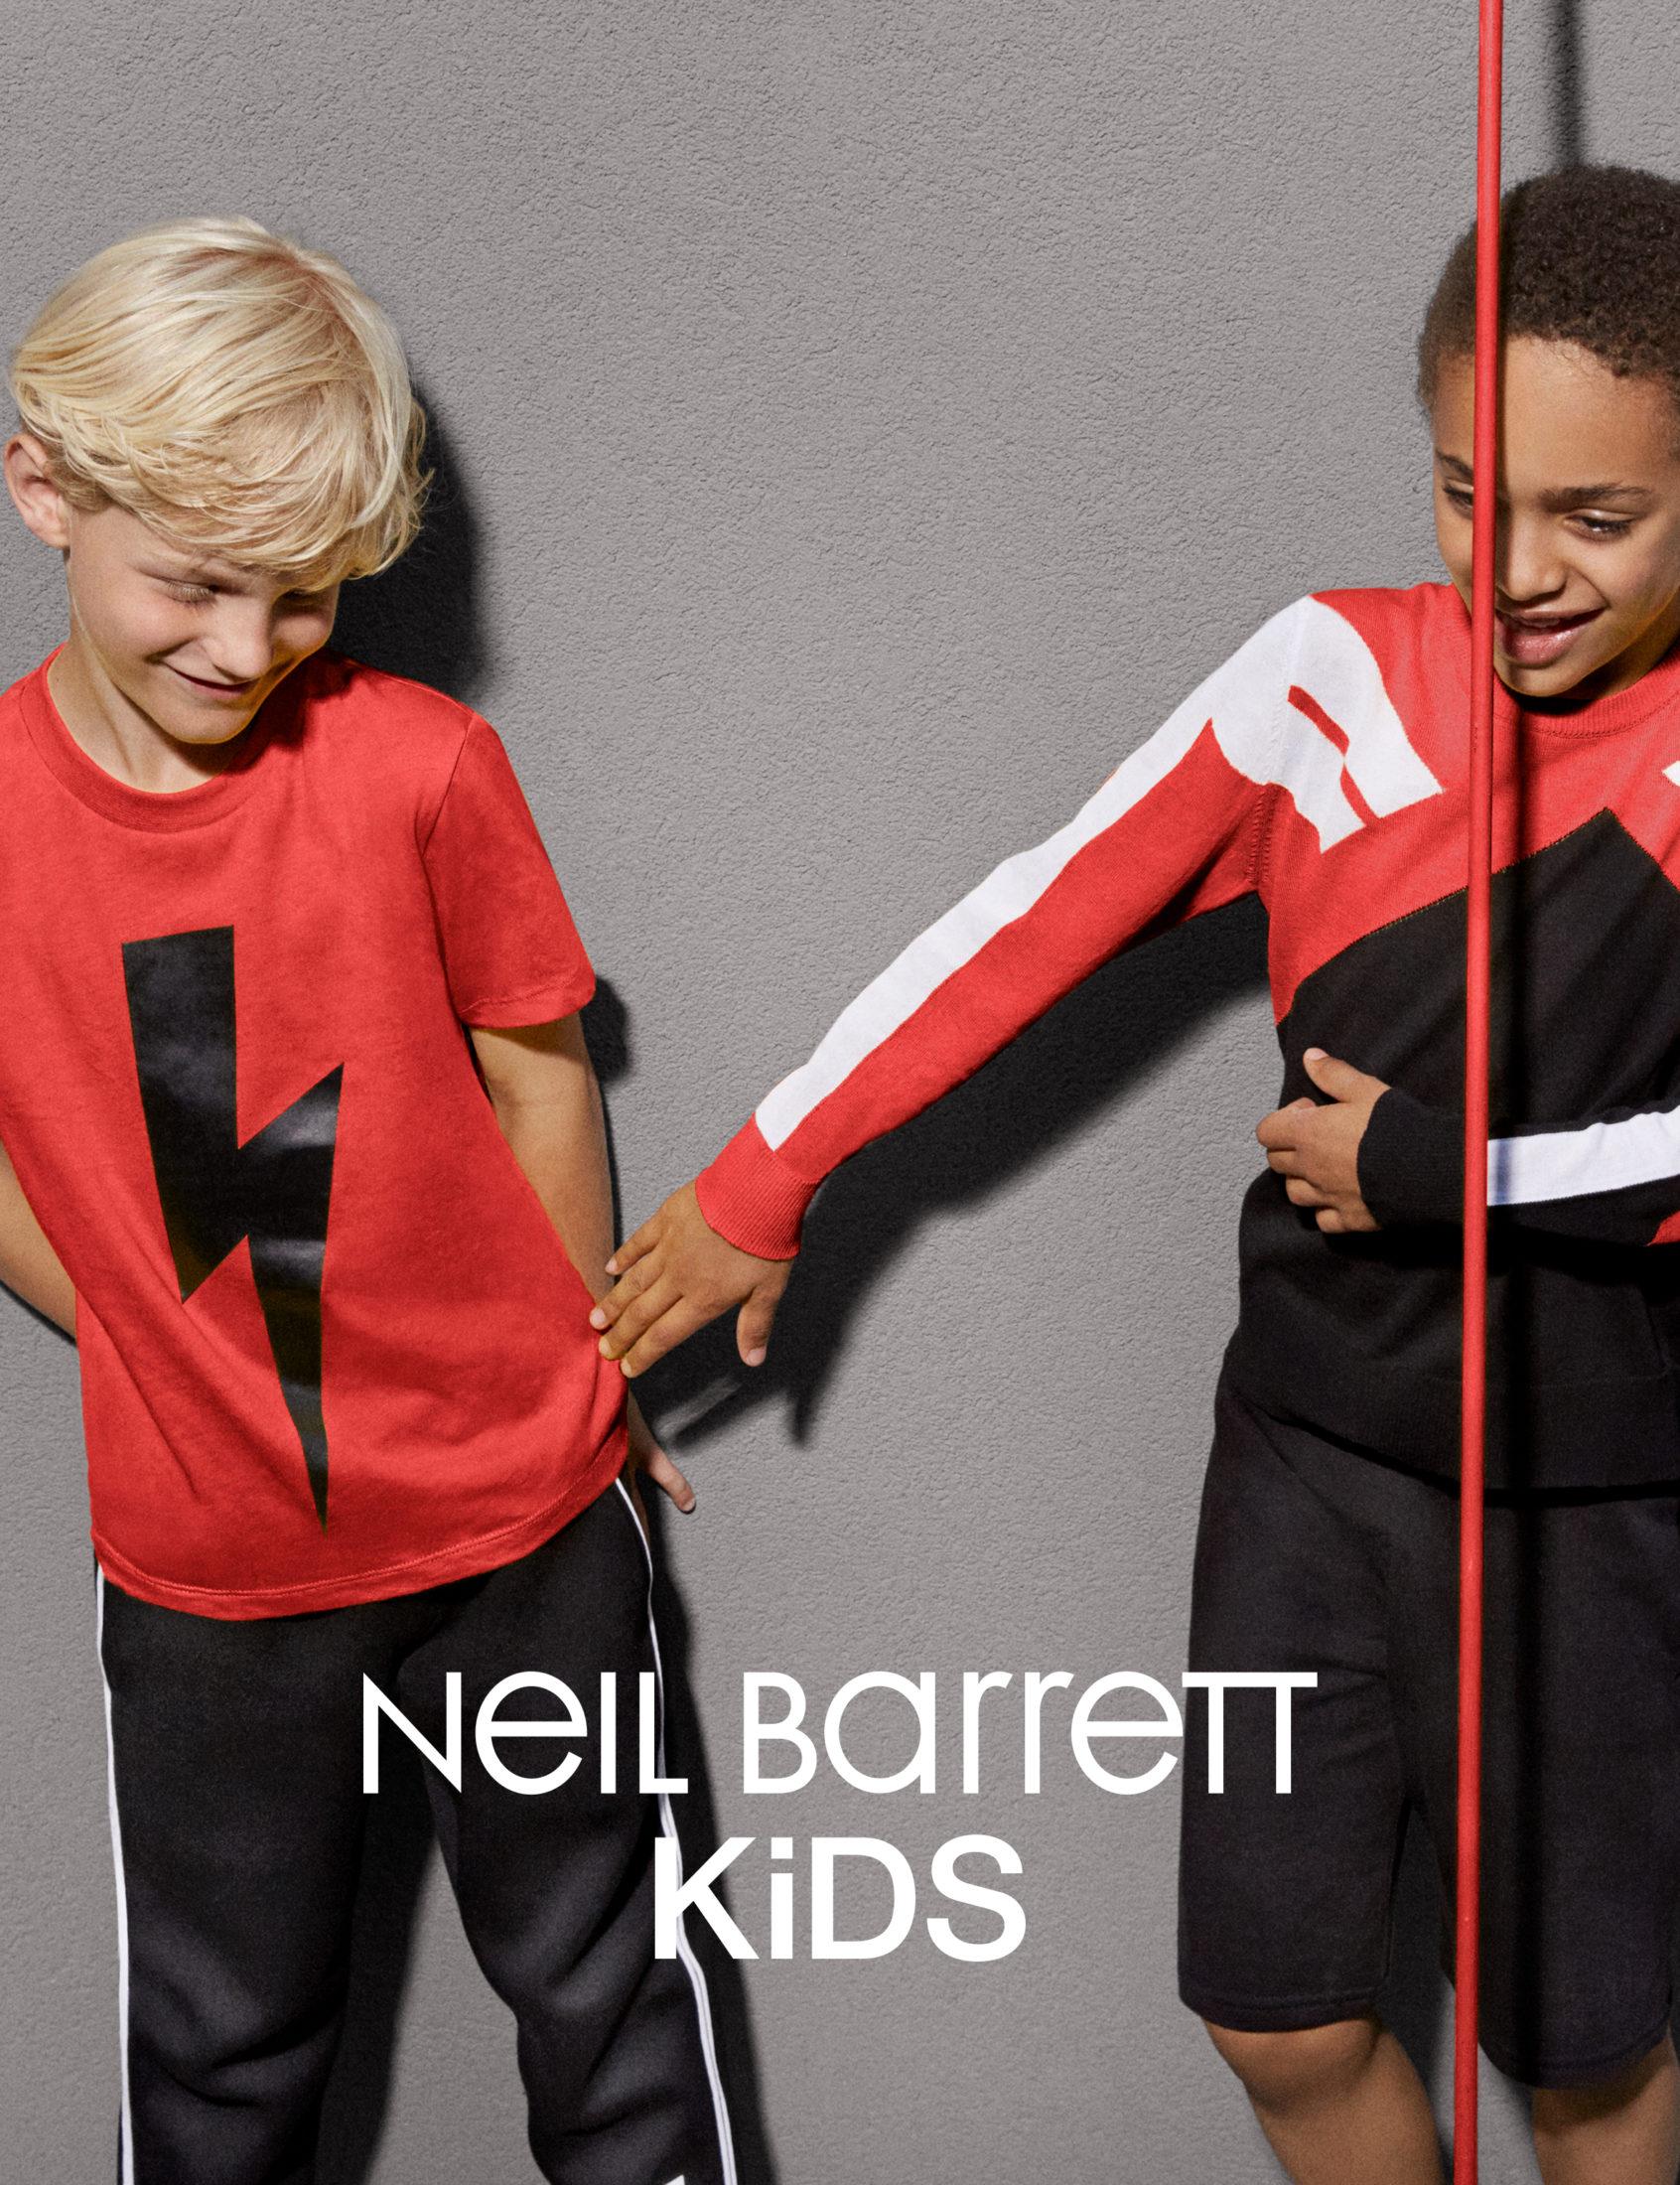 Neil_Barrett_Kids_SS18_ADV_RGB_06